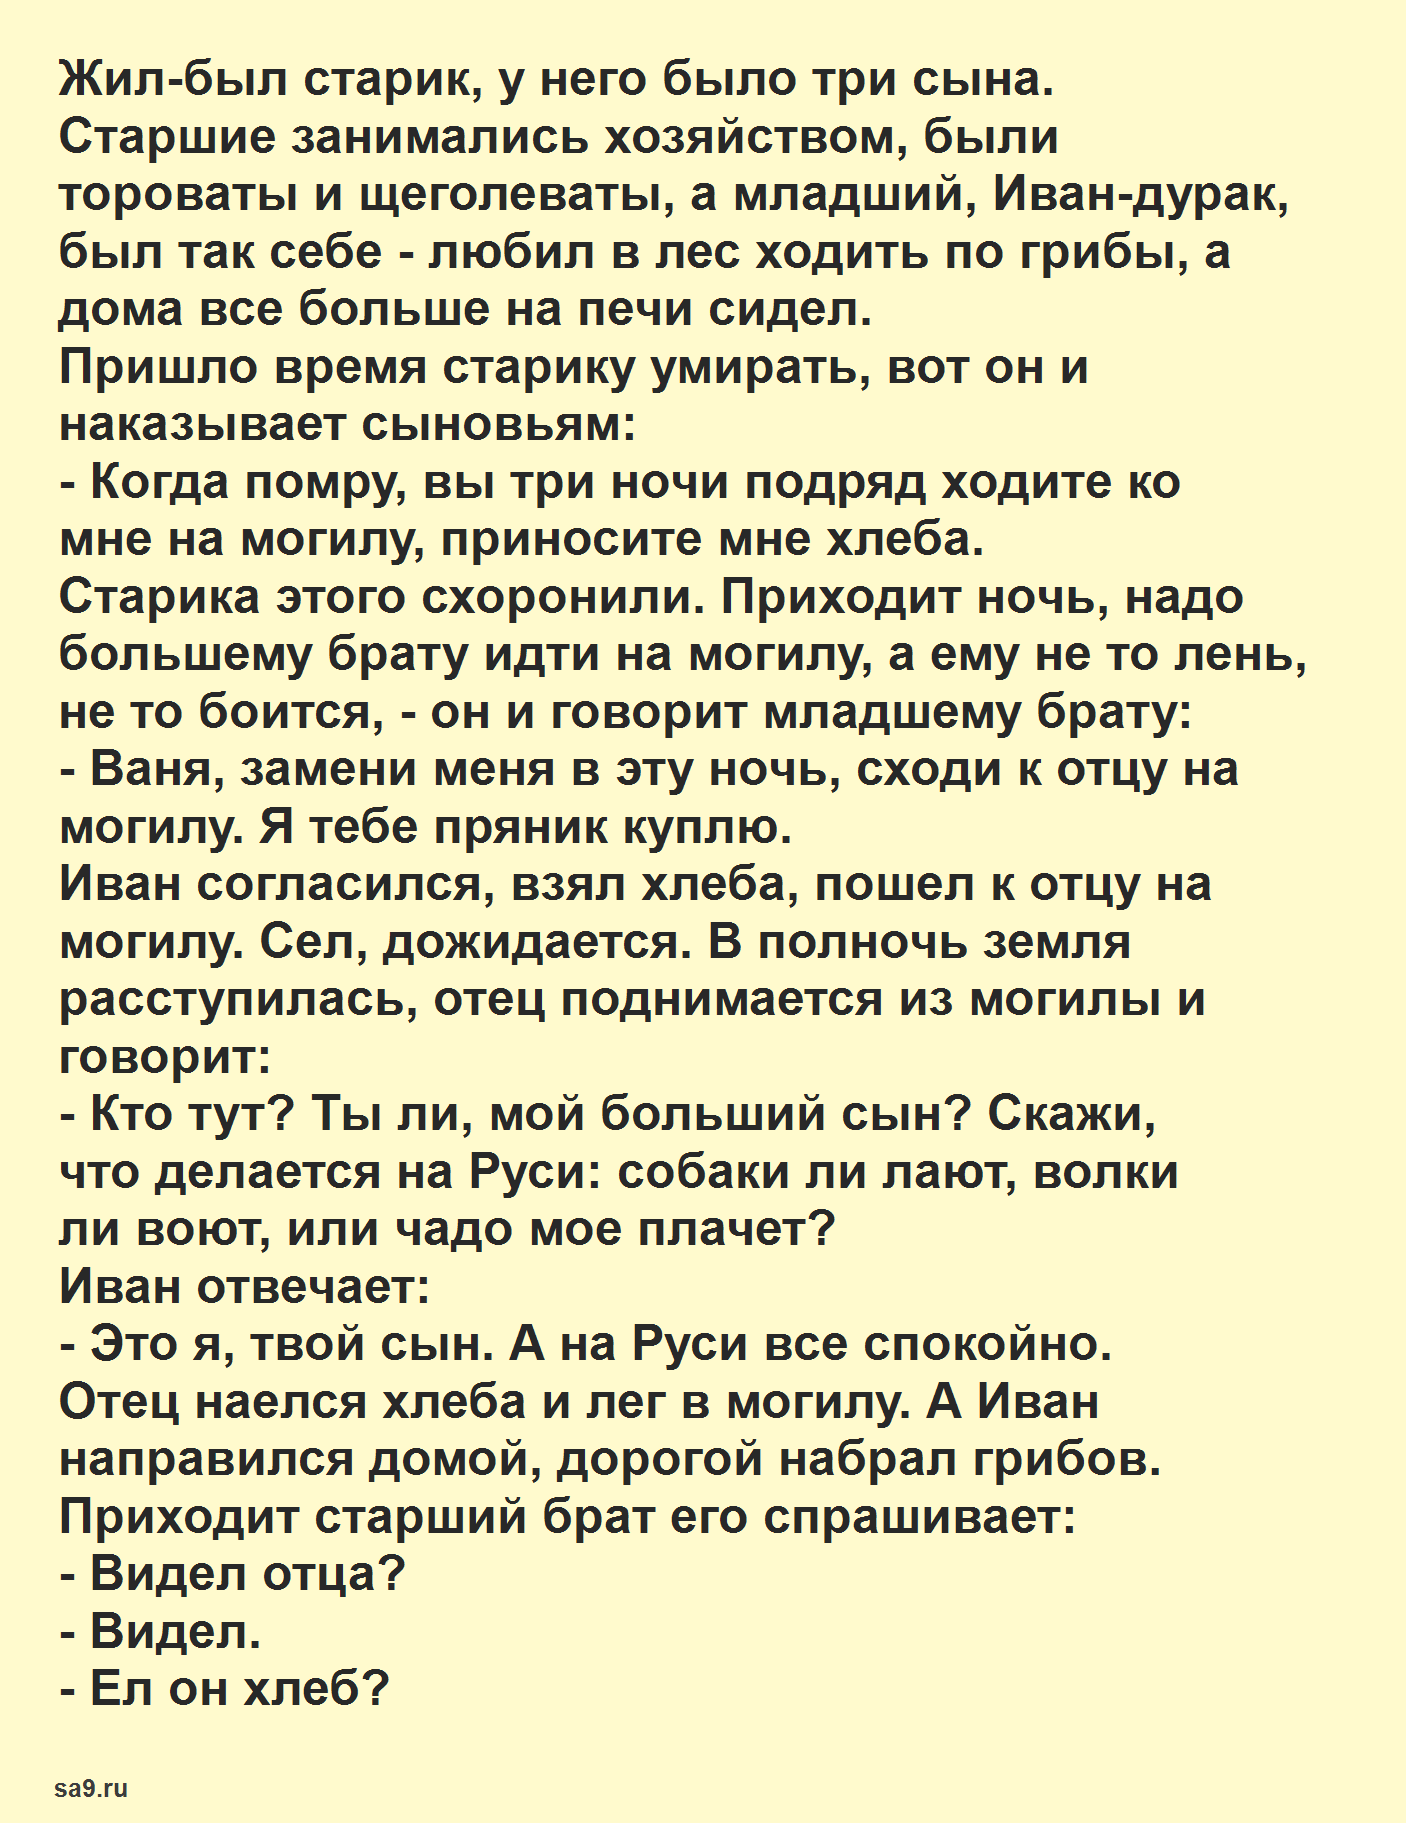 Сивка-Бурка - русская народная сказка